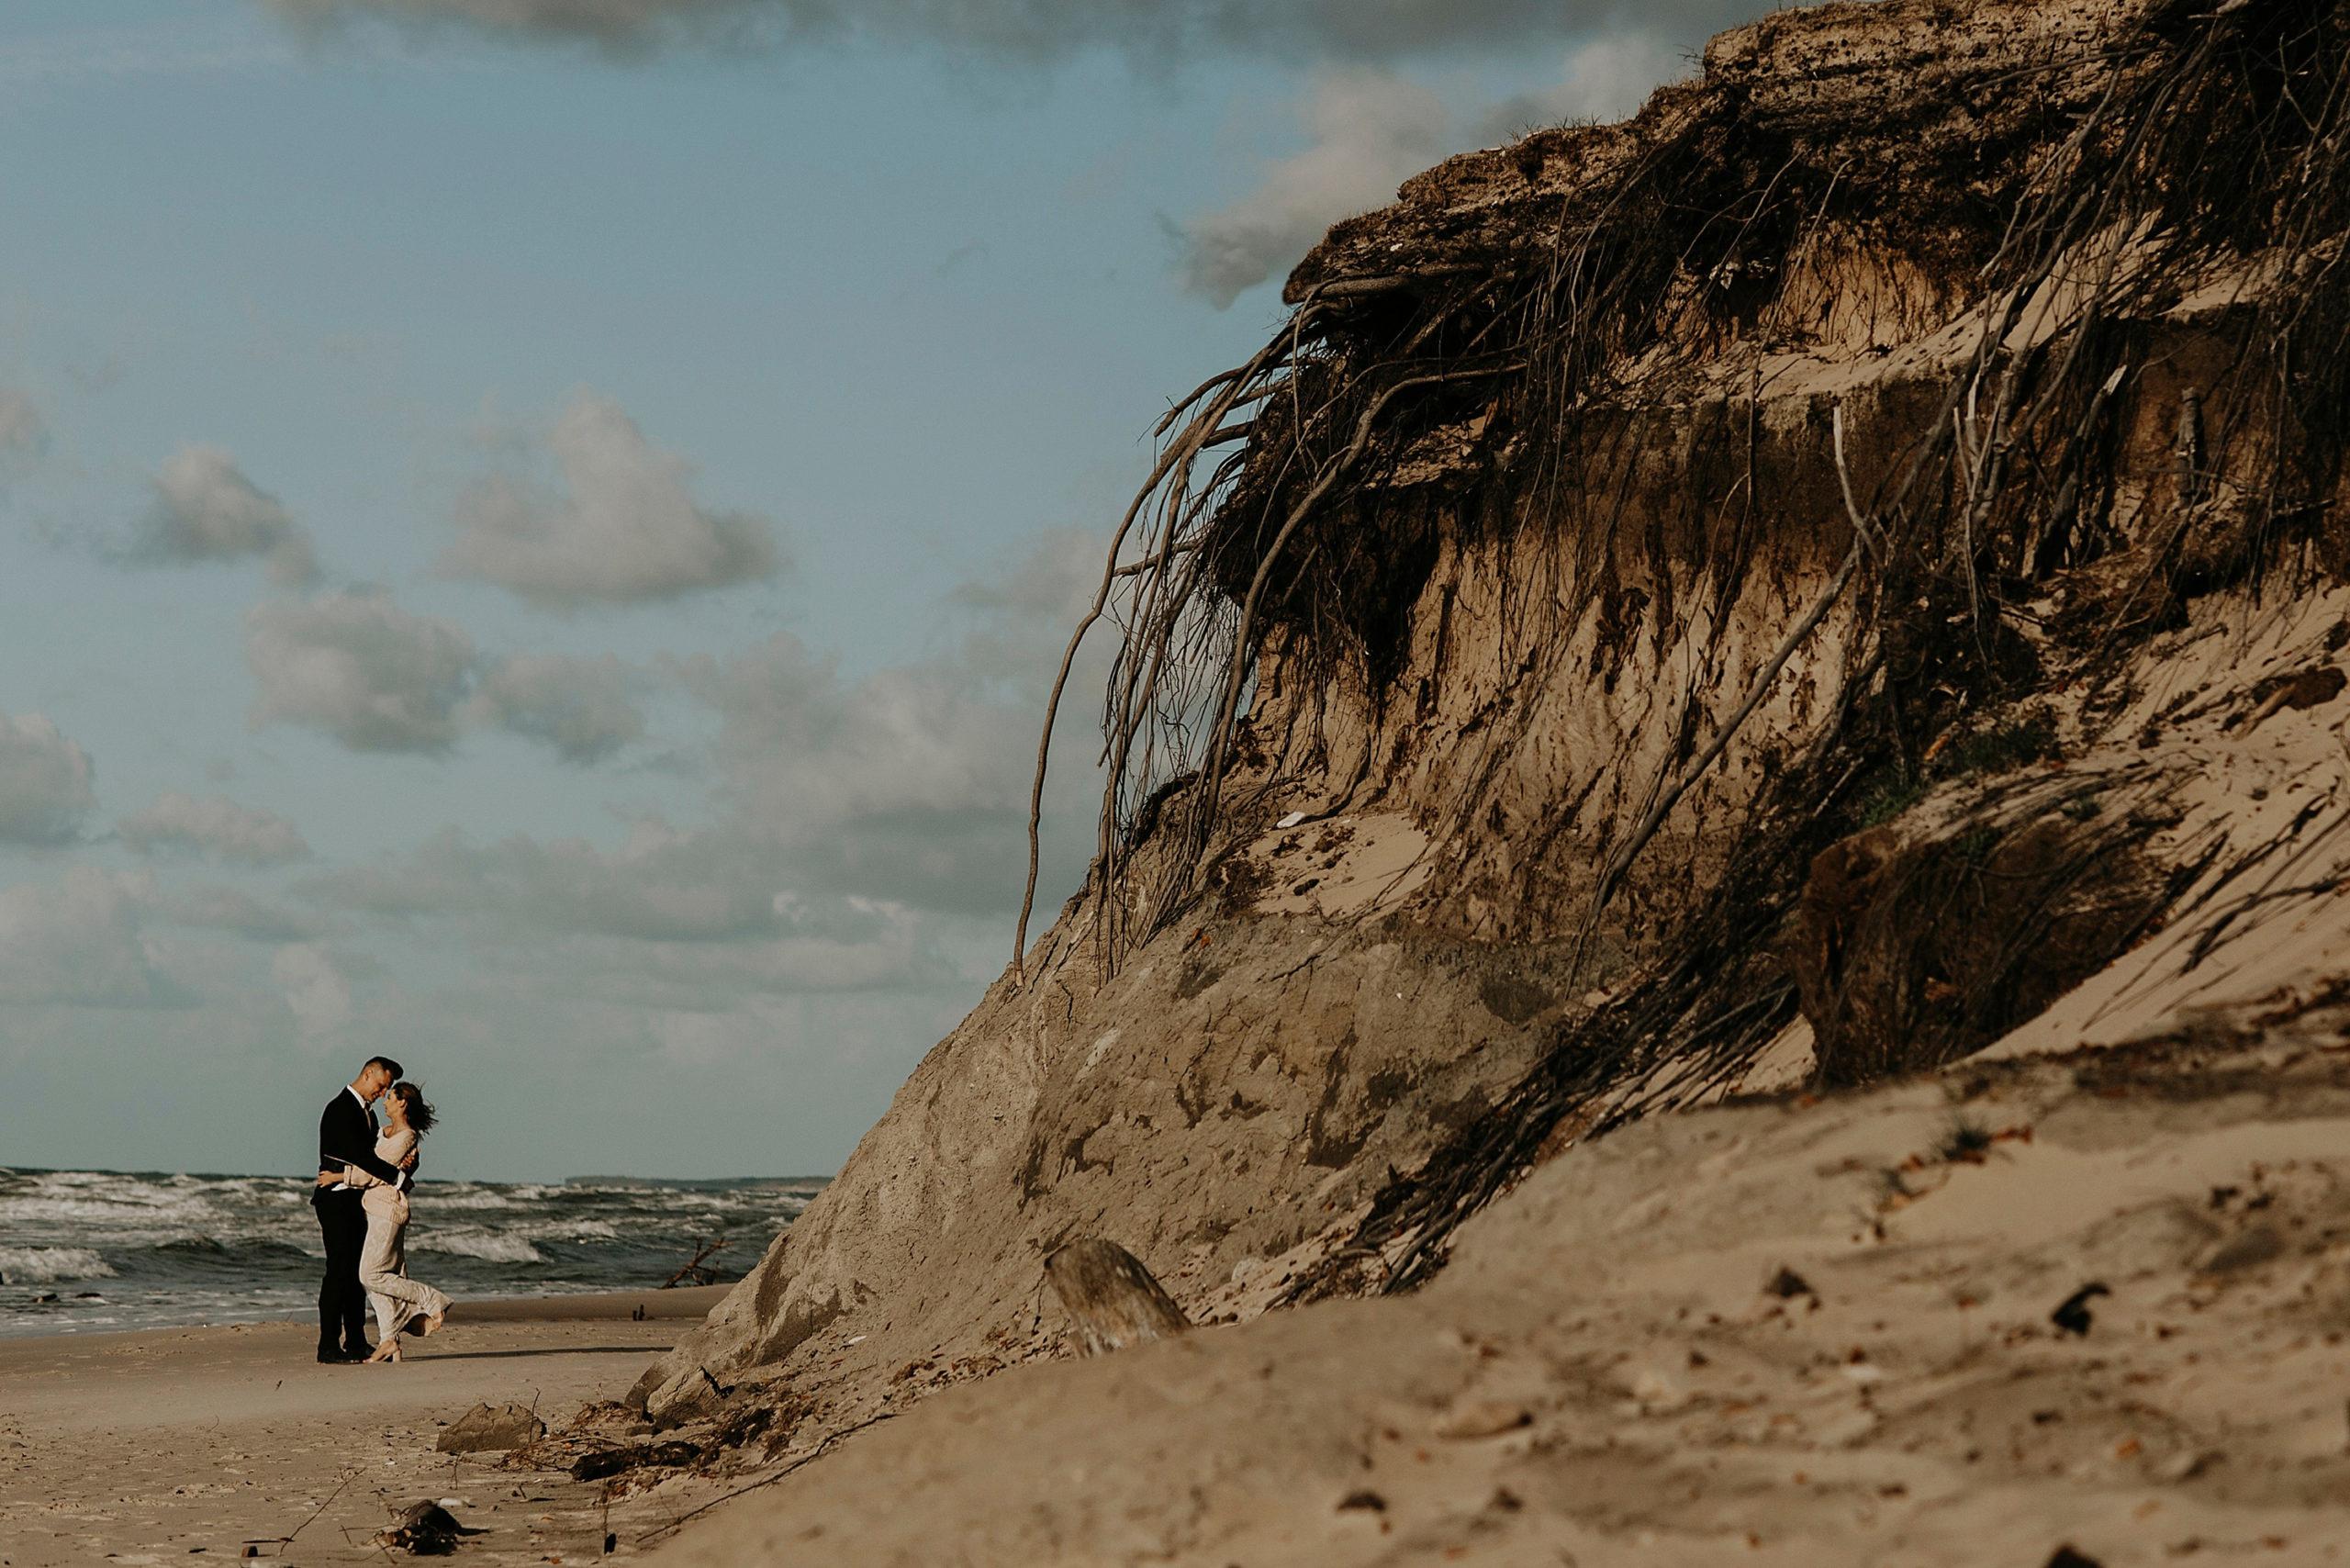 plener sesja slubna nad morzem Ustka 251 scaled